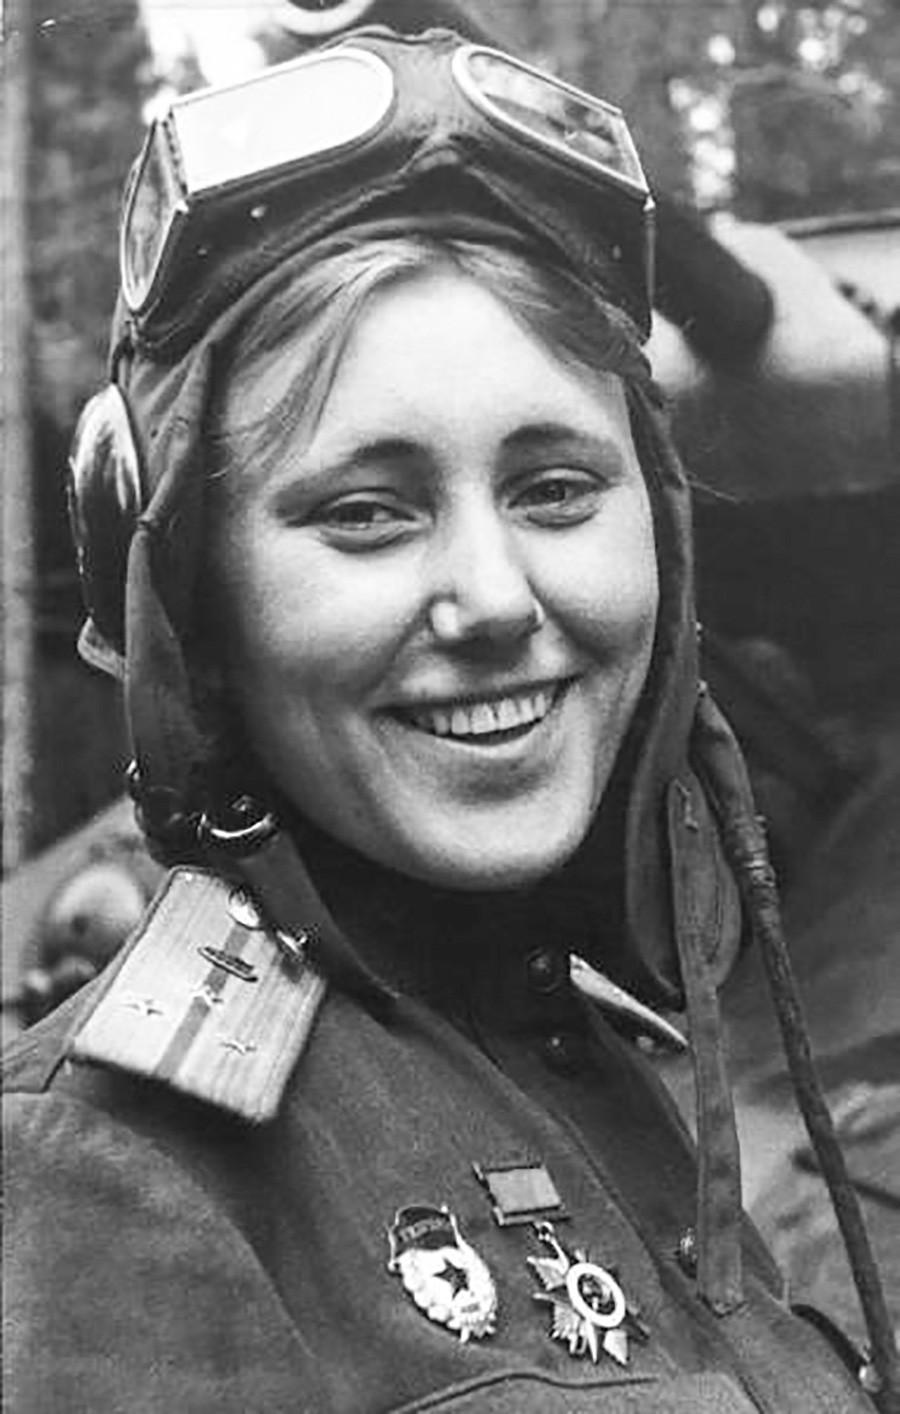 Une commandante de peloton de chars T-34, participante de la bataille de Koursk, sourit face à l'objetif